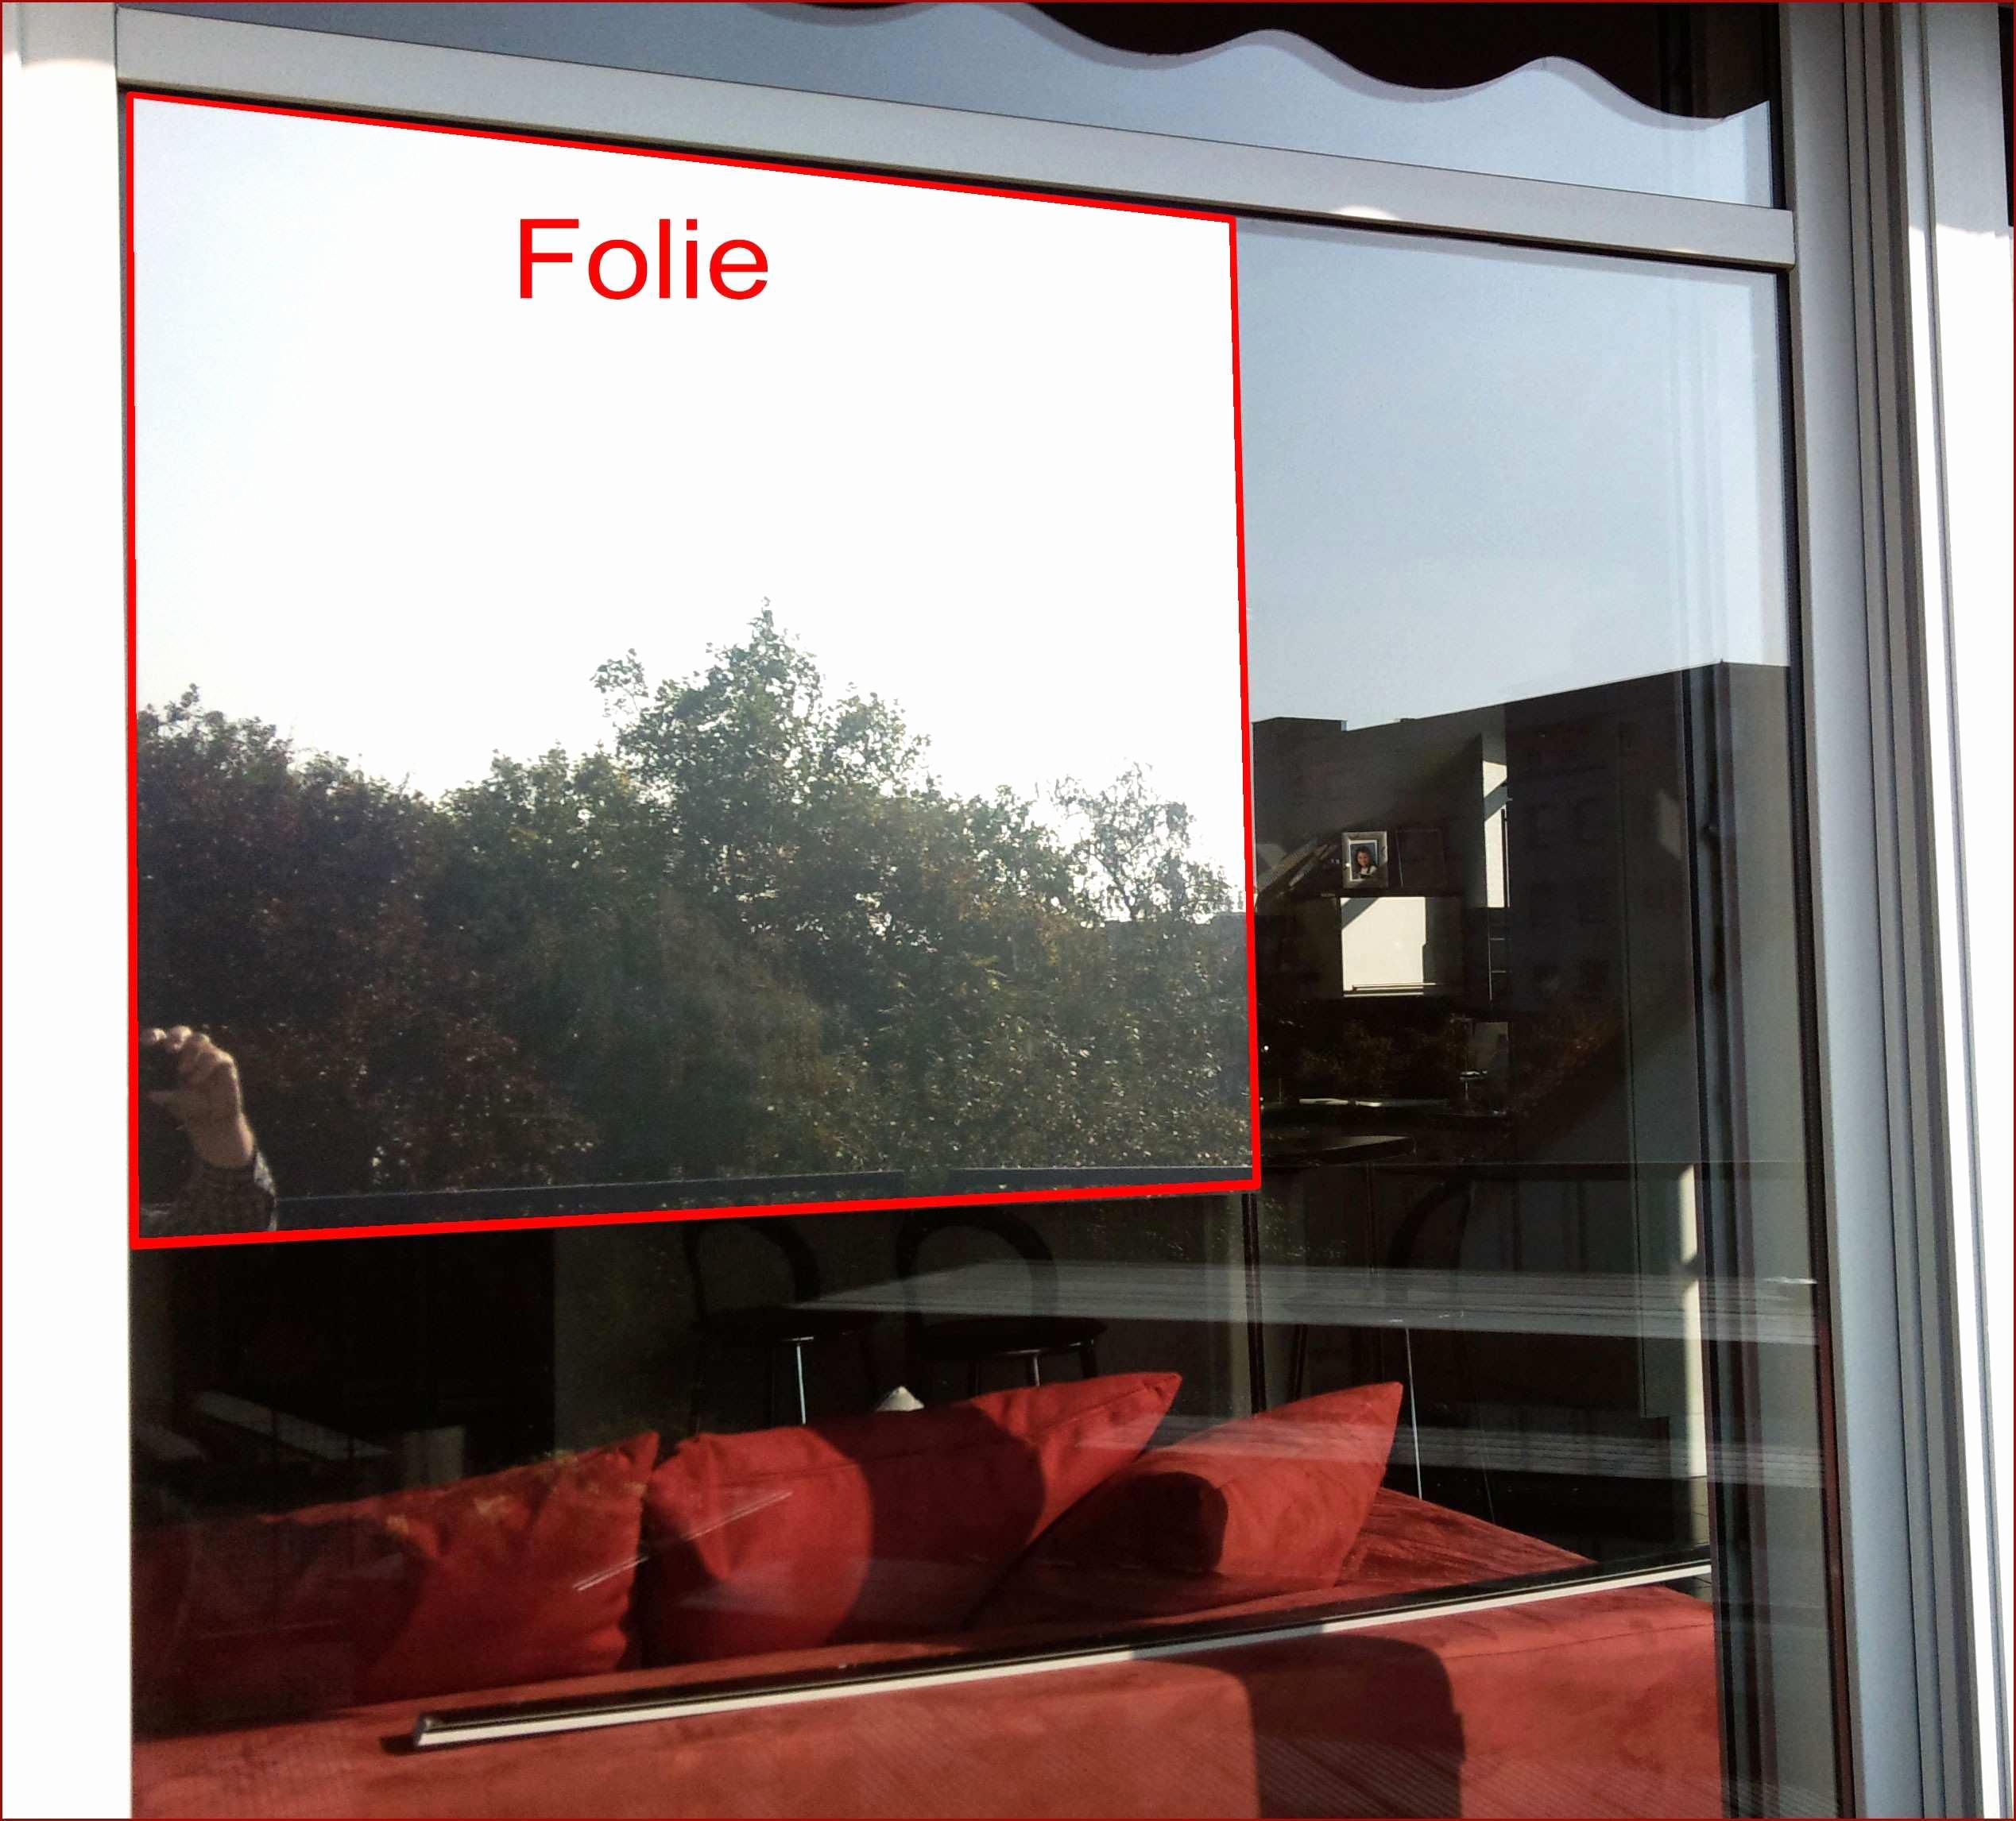 Full Size of Sichtschutzfolie Fenster Einseitig Durchsichtig Fensterfolie Sichtschutz Dänische Sicherheitsfolie Obi Meeth Folien Für Nach Maß Mit Integriertem Rollladen Fenster Sichtschutzfolie Fenster Einseitig Durchsichtig